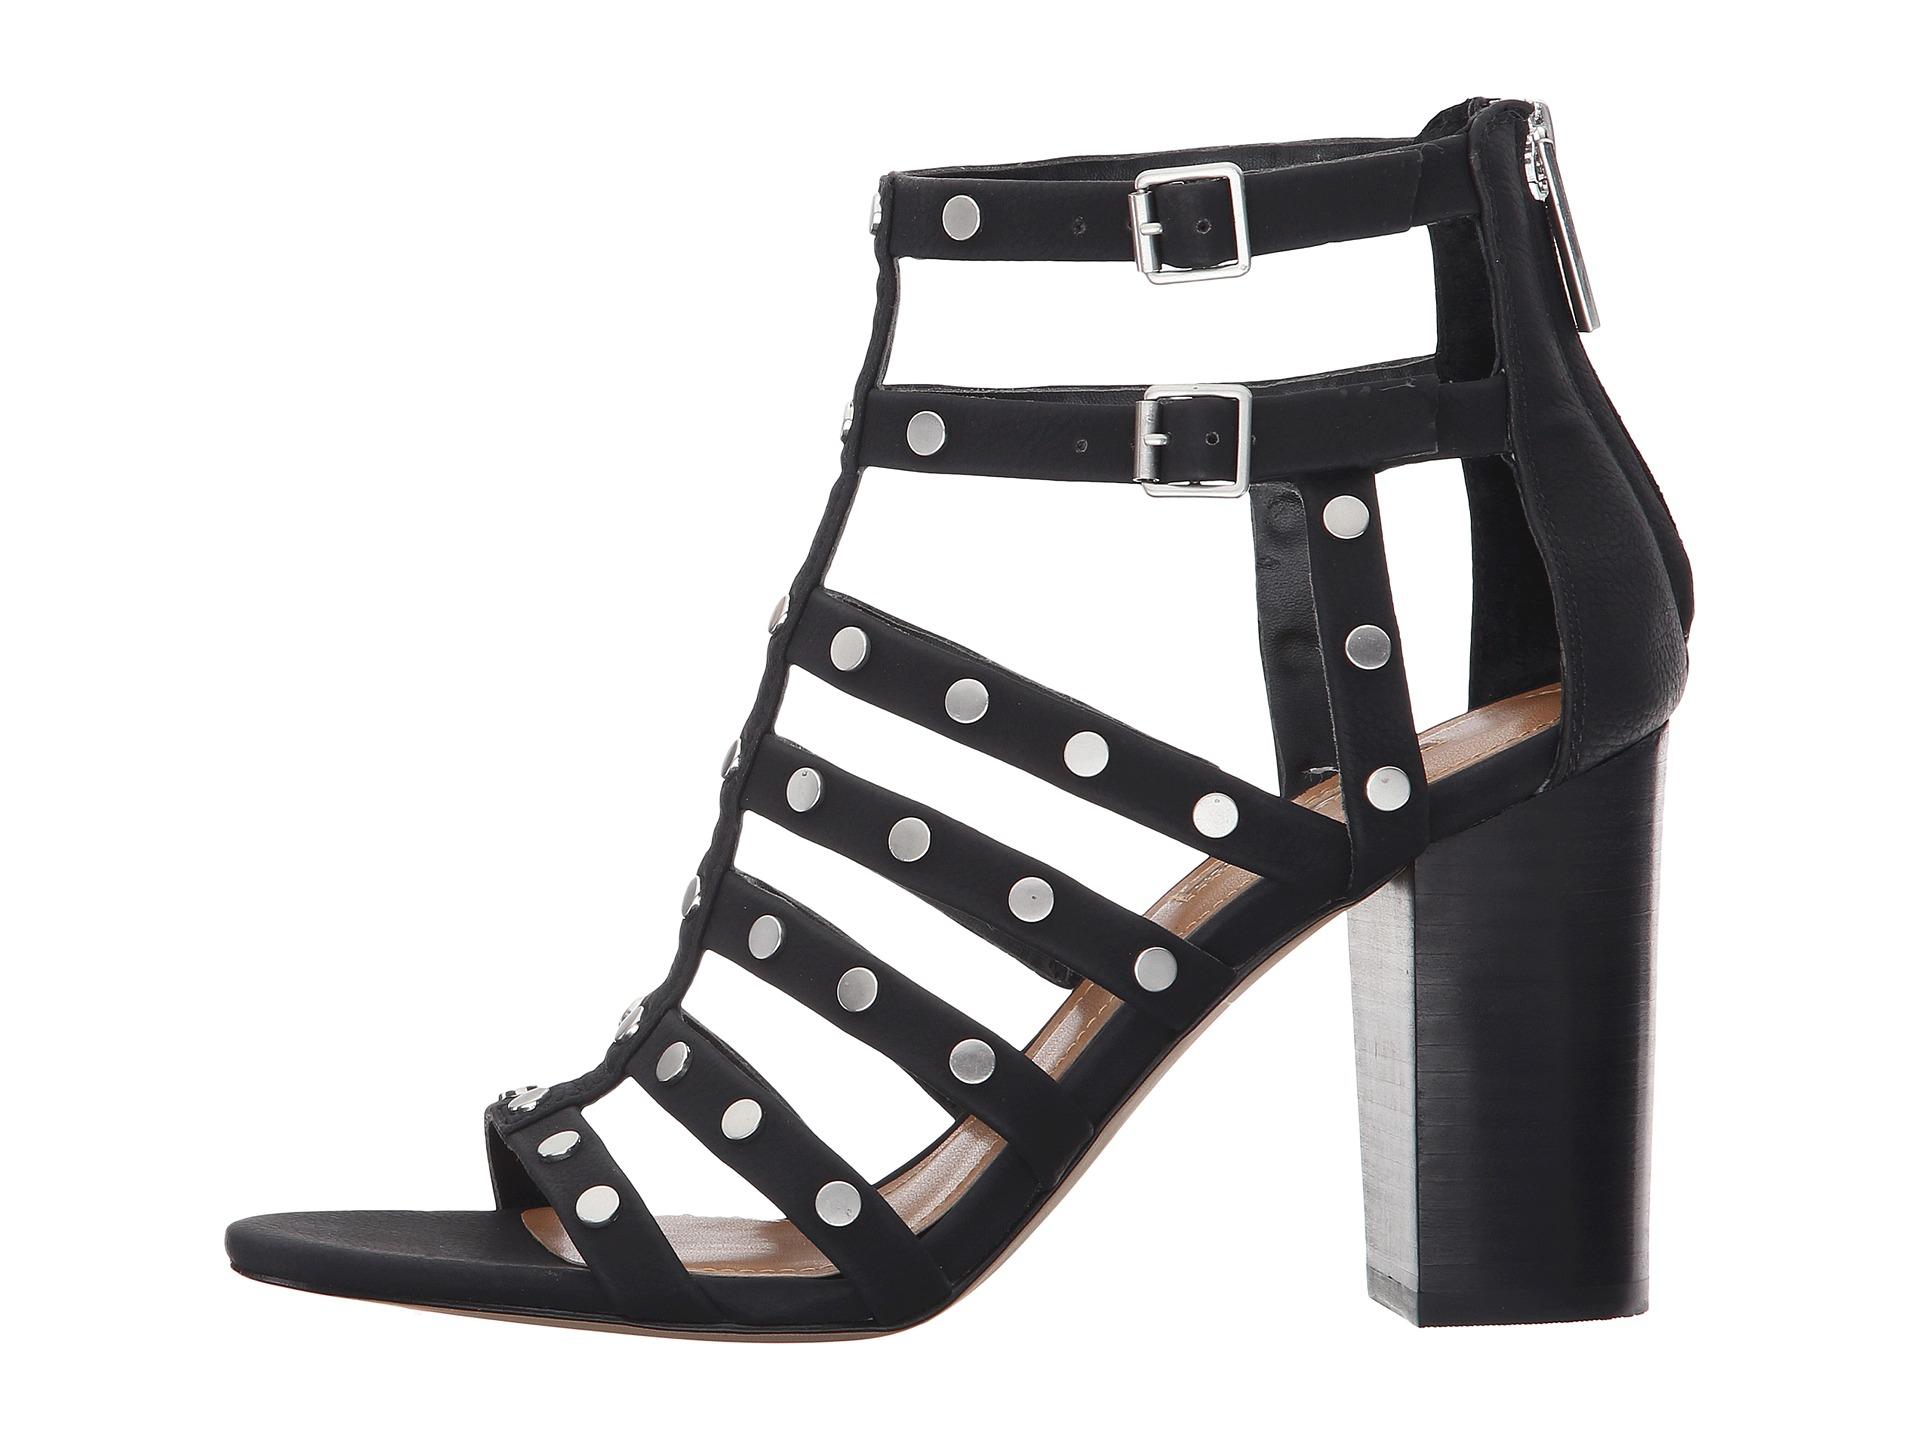 1e459113c0faab BCBGeneration-Women-039-s-BG-CHASTA-dress-Sandal